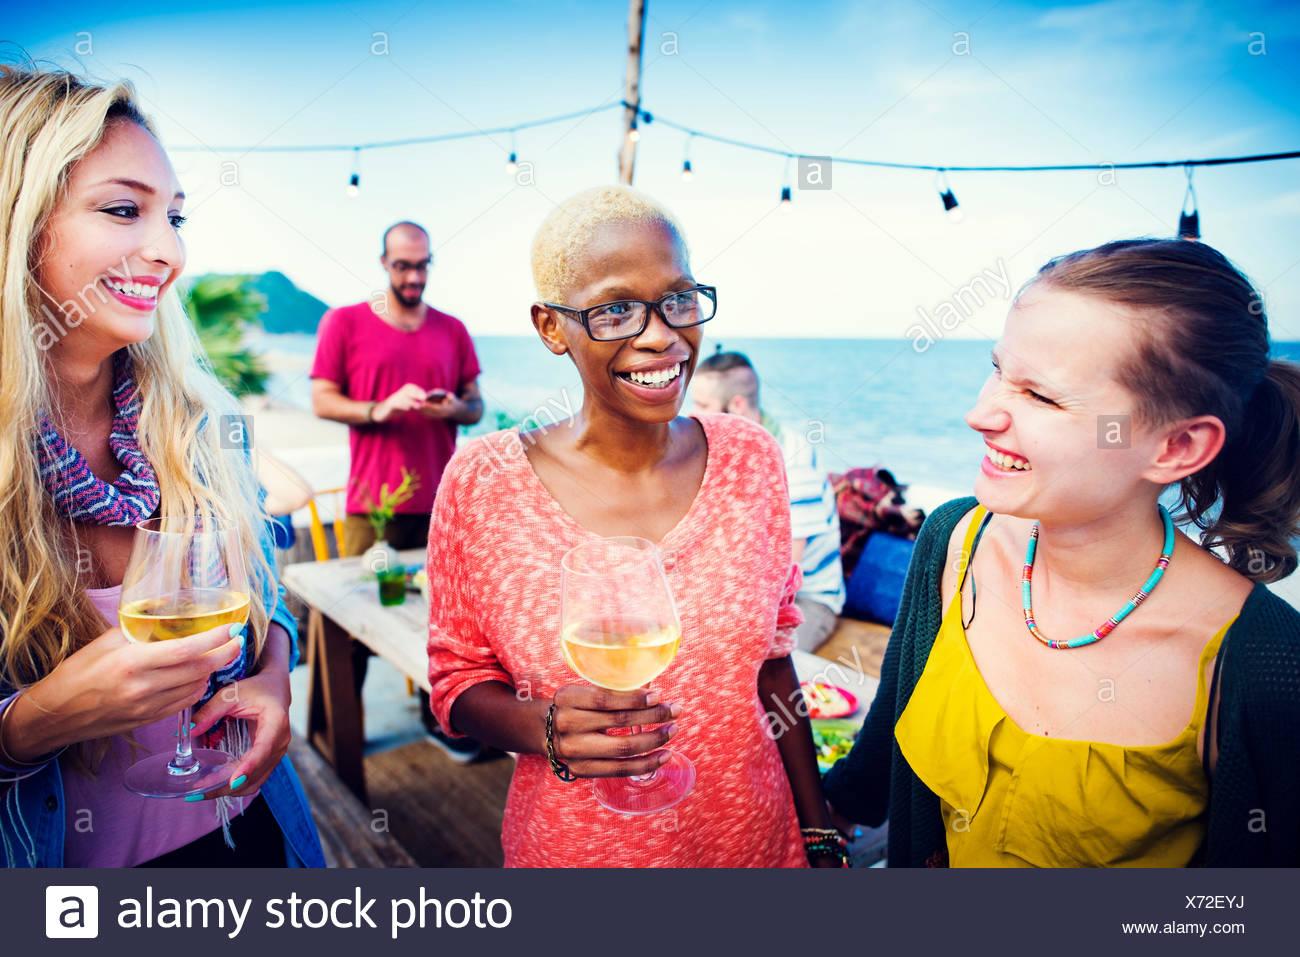 Unterschiedliche ethnische Freundschaft Party Freizeit Glück Konzept Stockbild